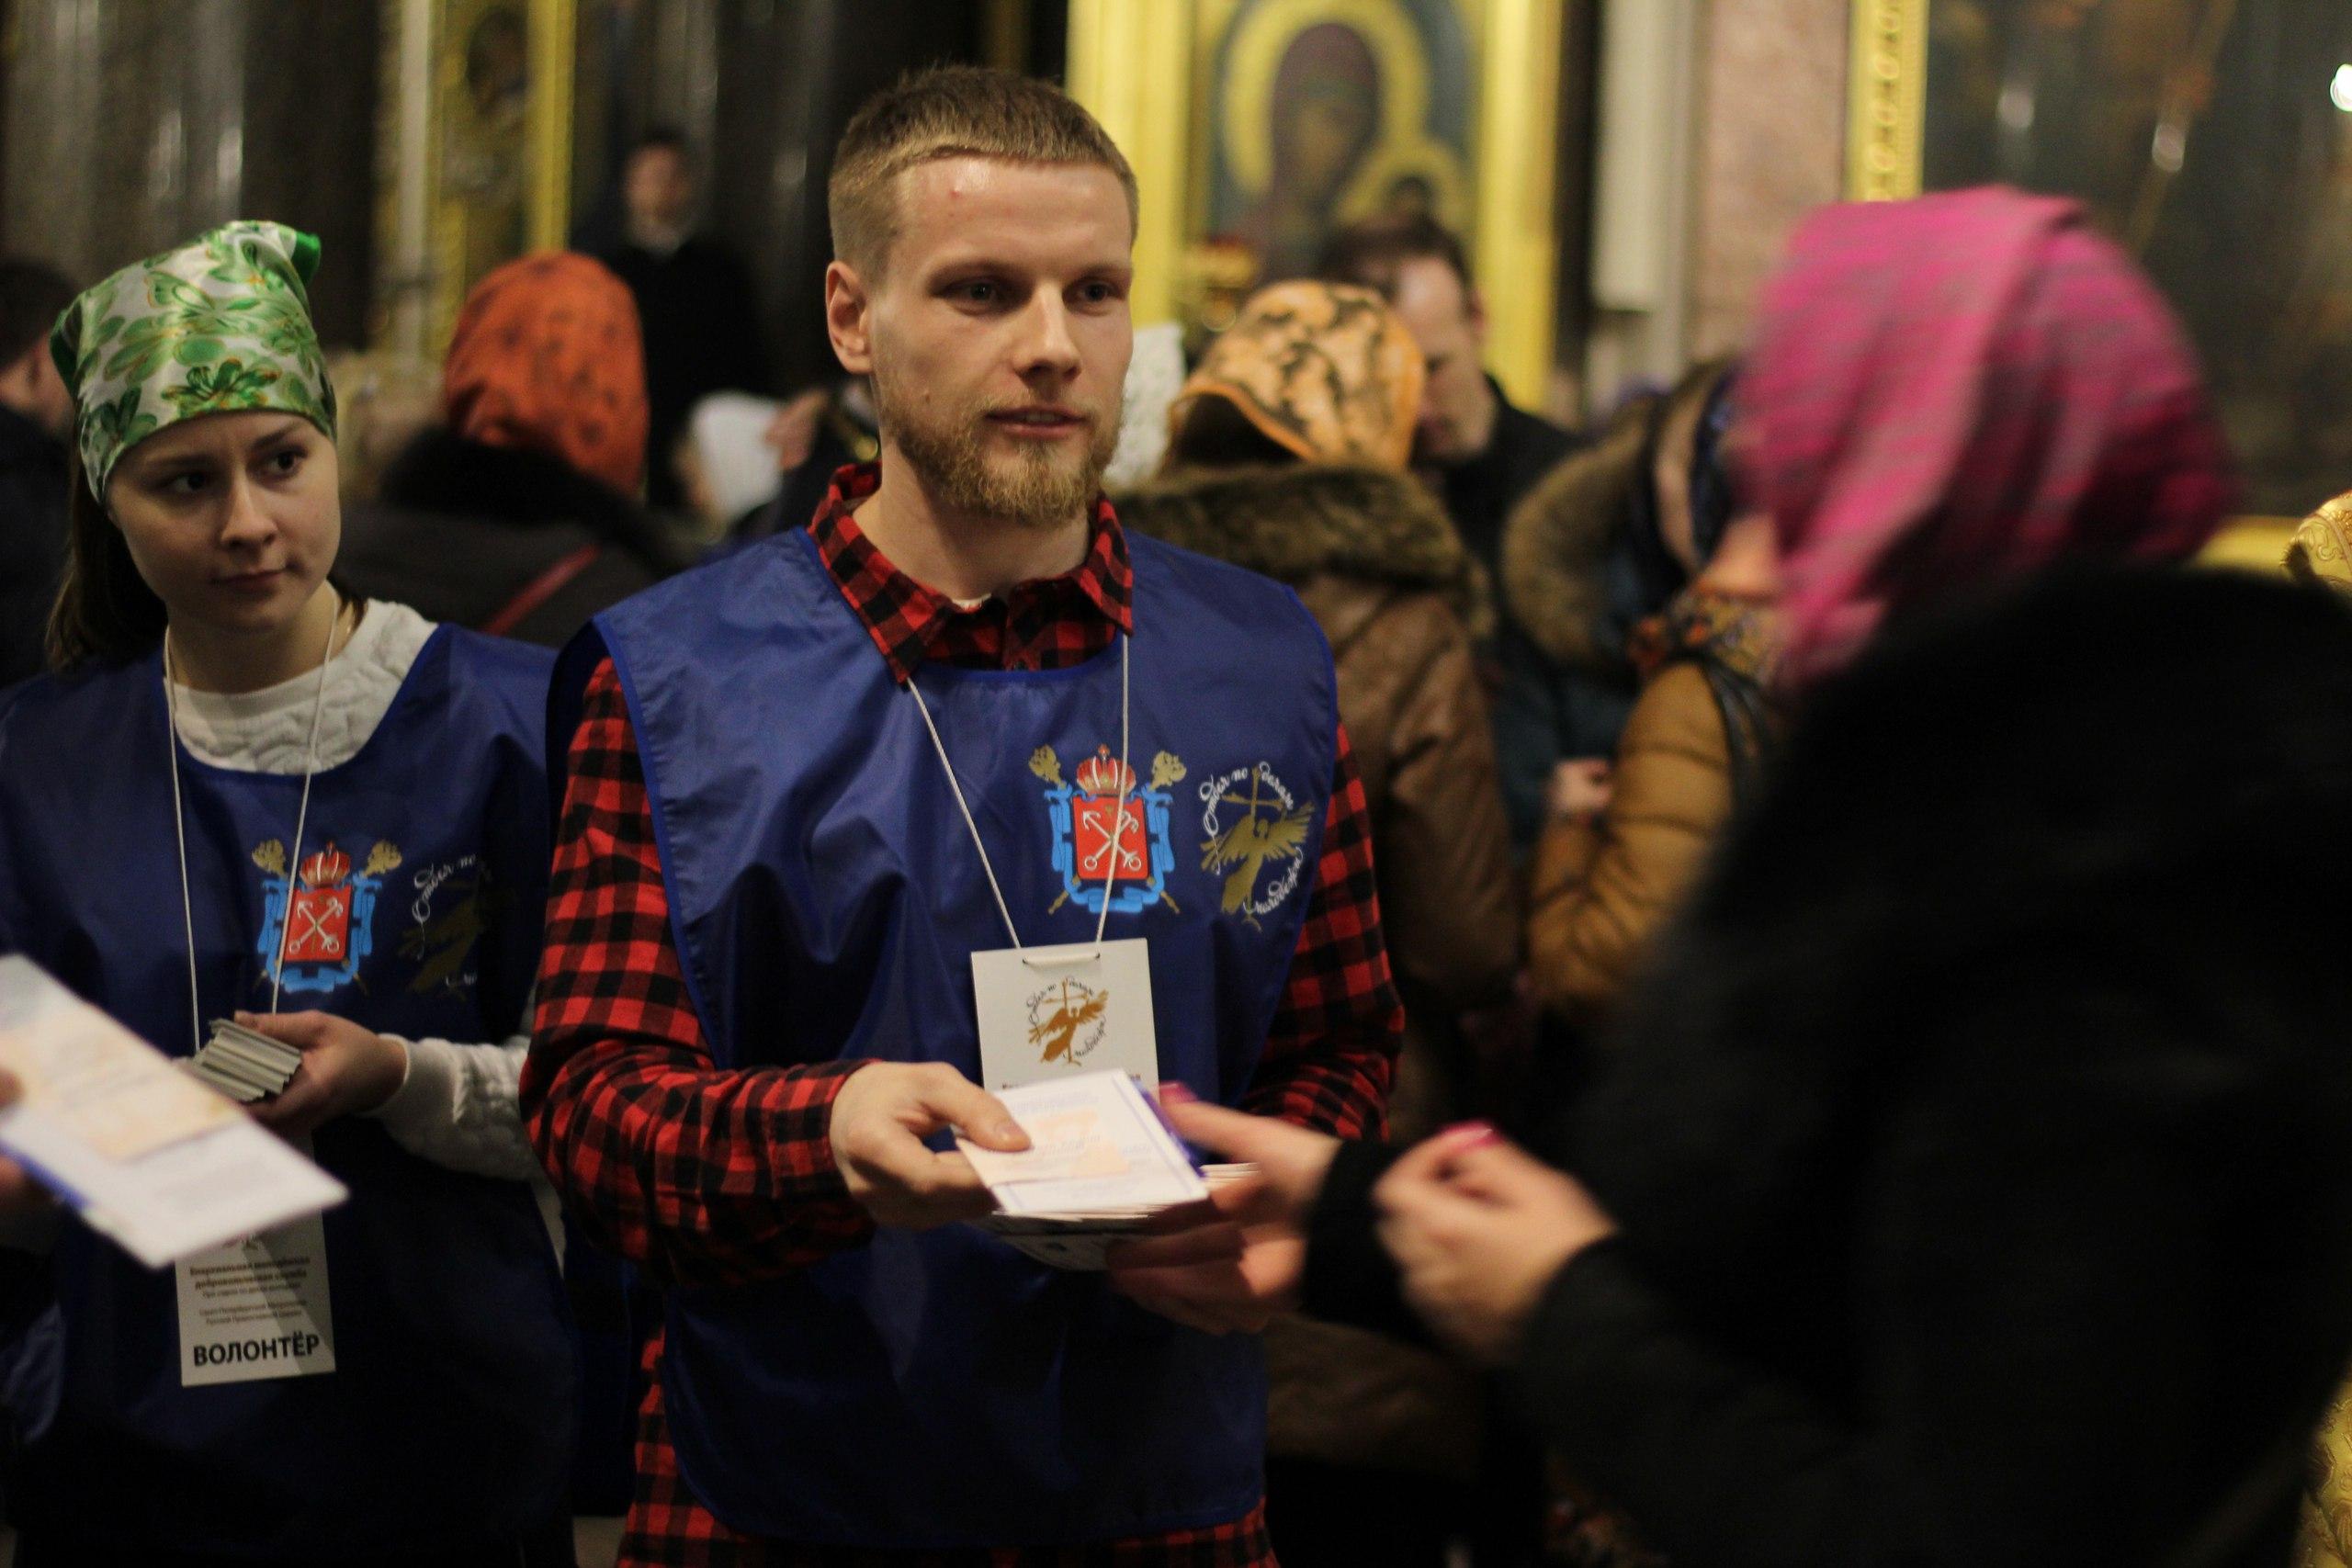 анонс: 21 октября общегородской молебен о даровании супружества и устроении семейной жизни / Санкт-Петербург